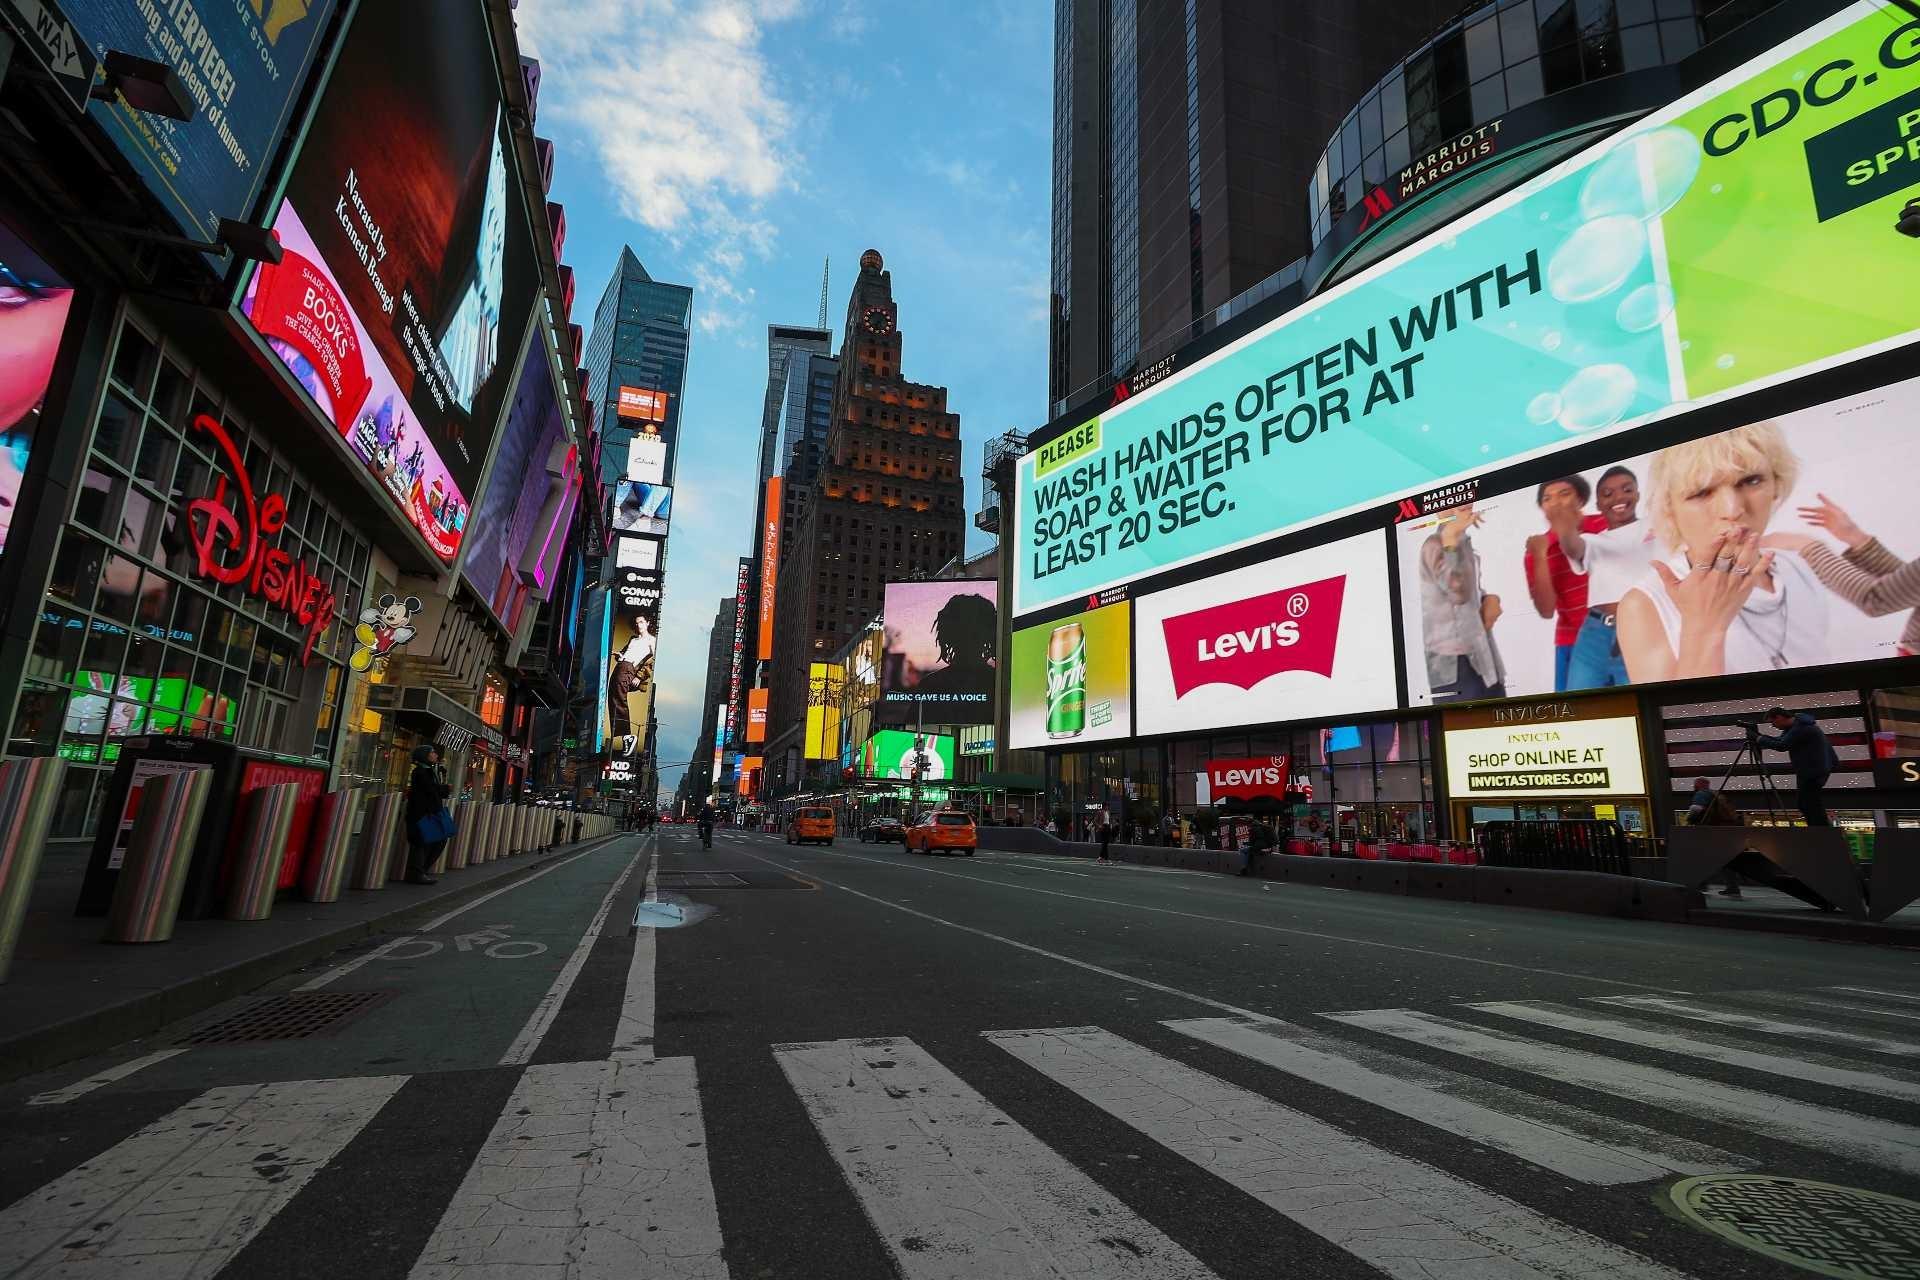 New York'ta zorunlu olanlar dışında bütün iş yerlerinin kapanması kararı alınacak.